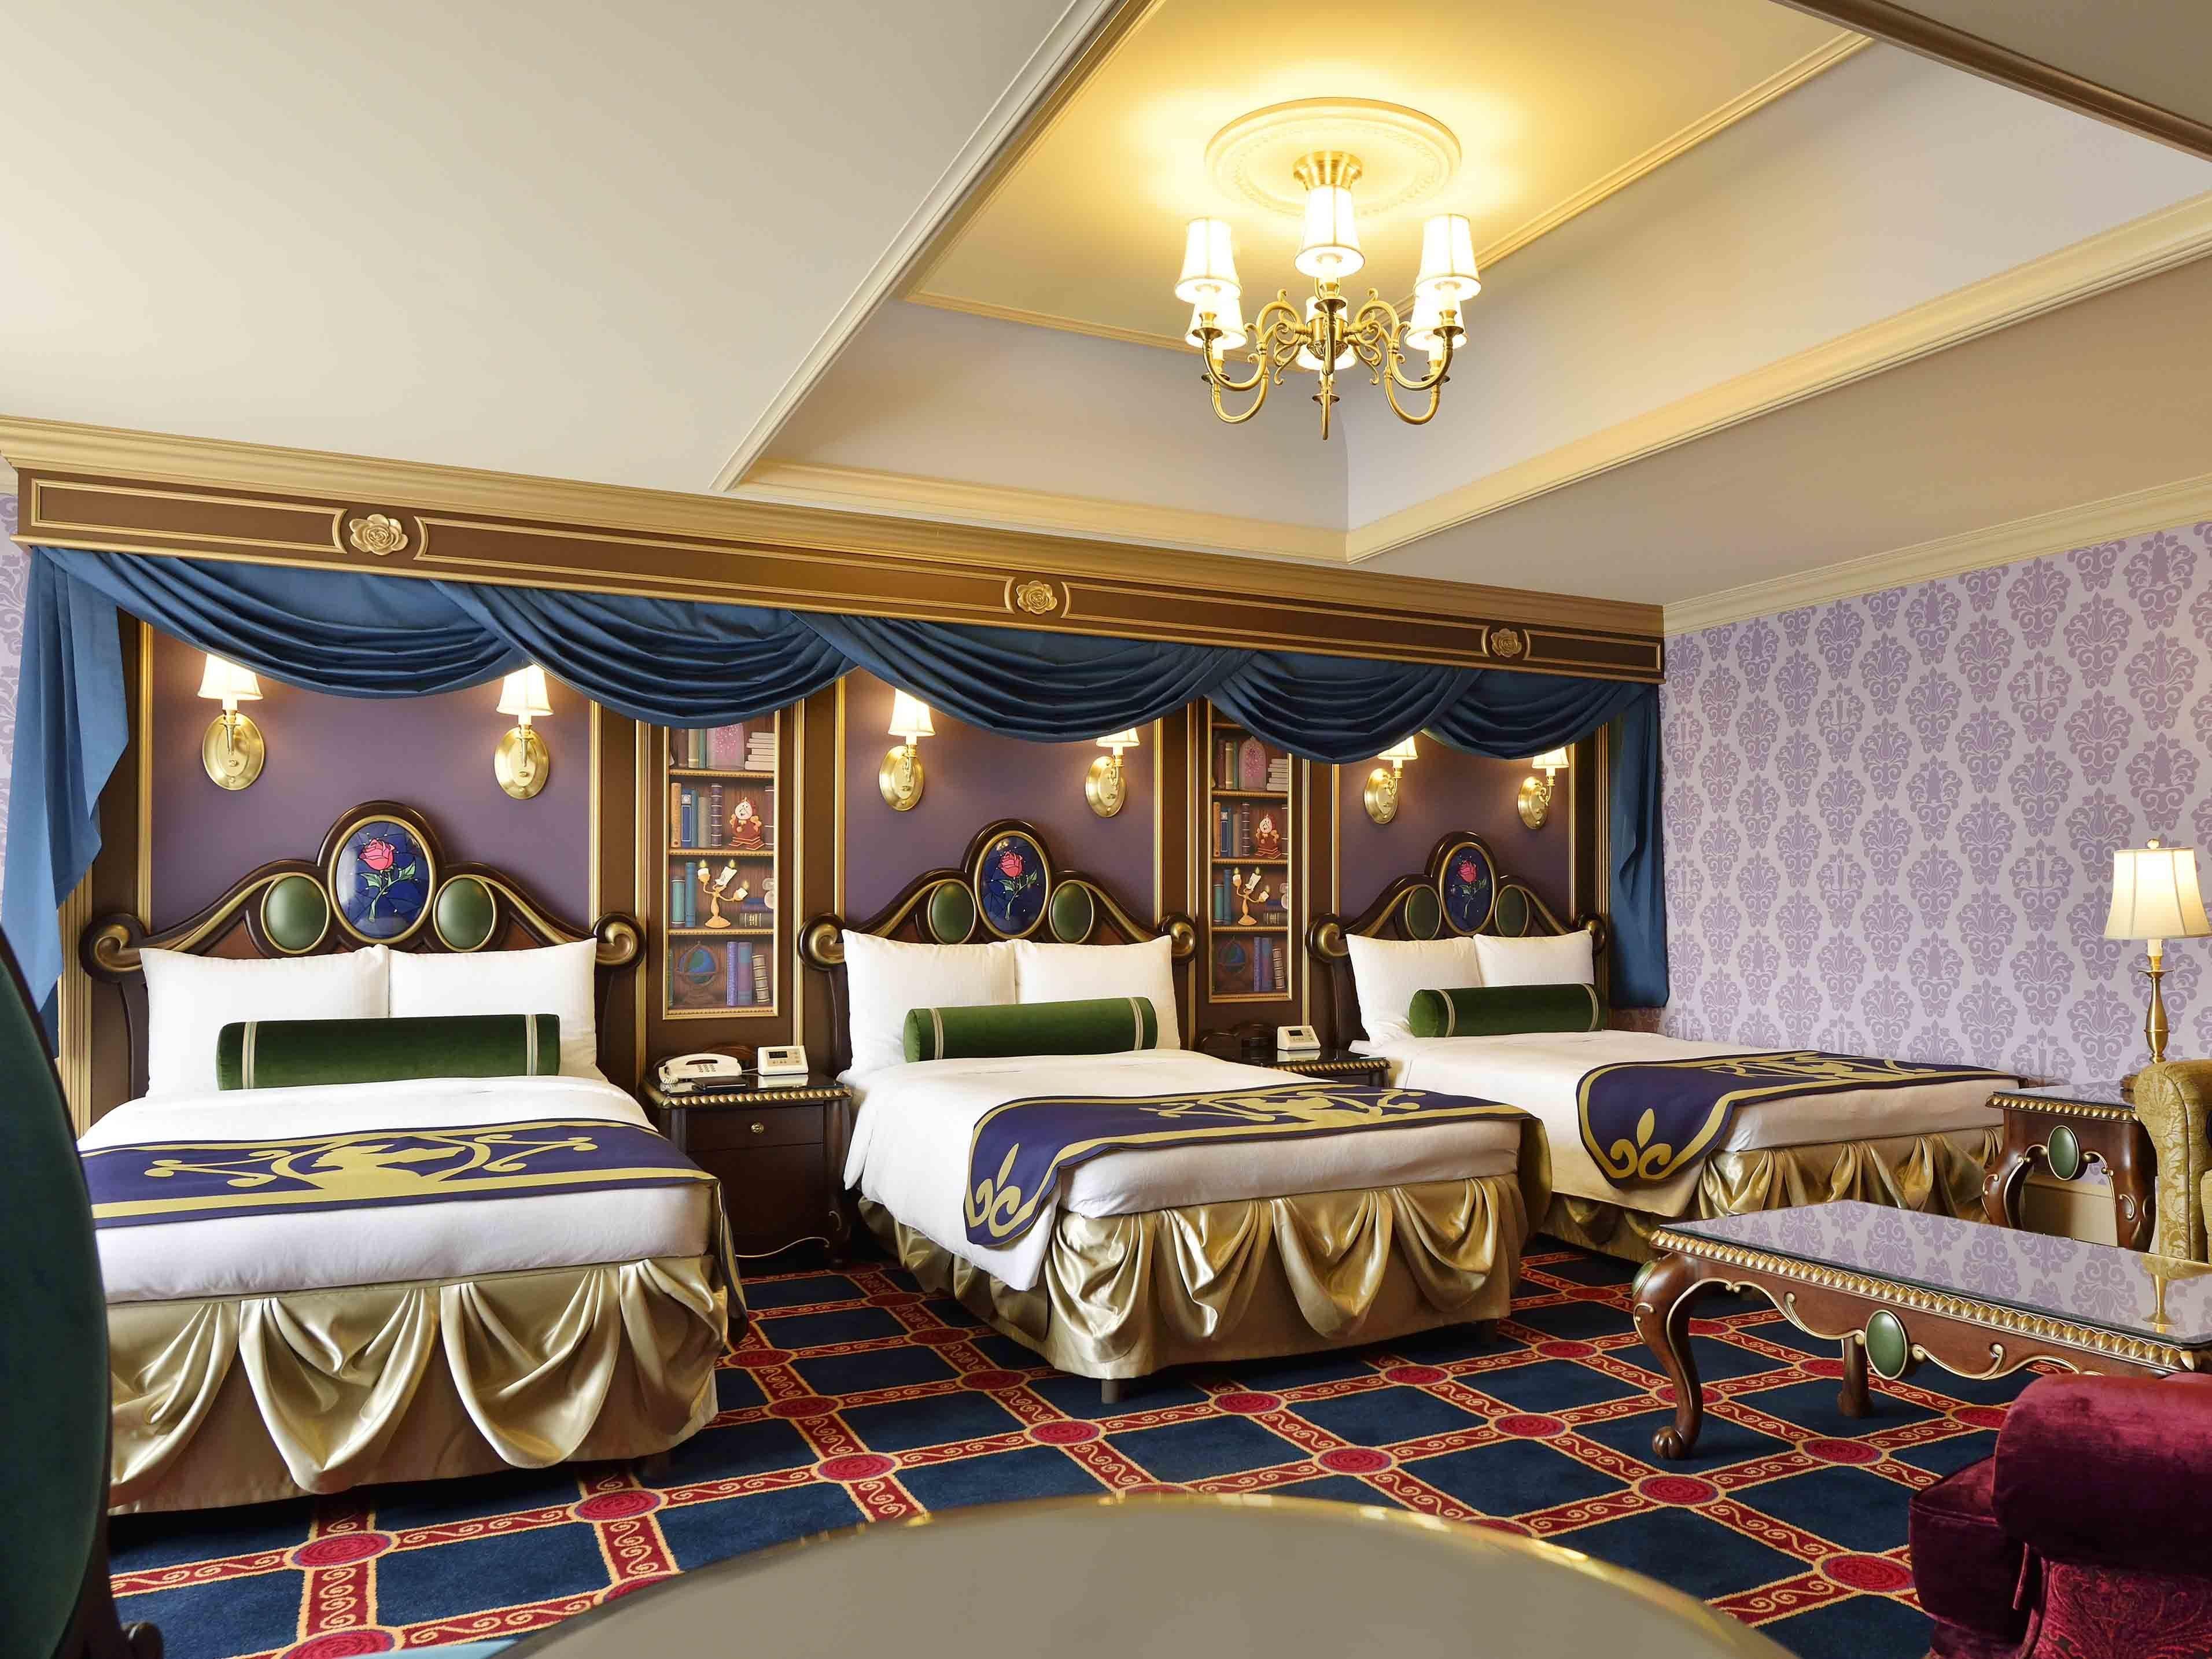 東京ディズニーランド®ホテル - 宿泊予約は[一休]